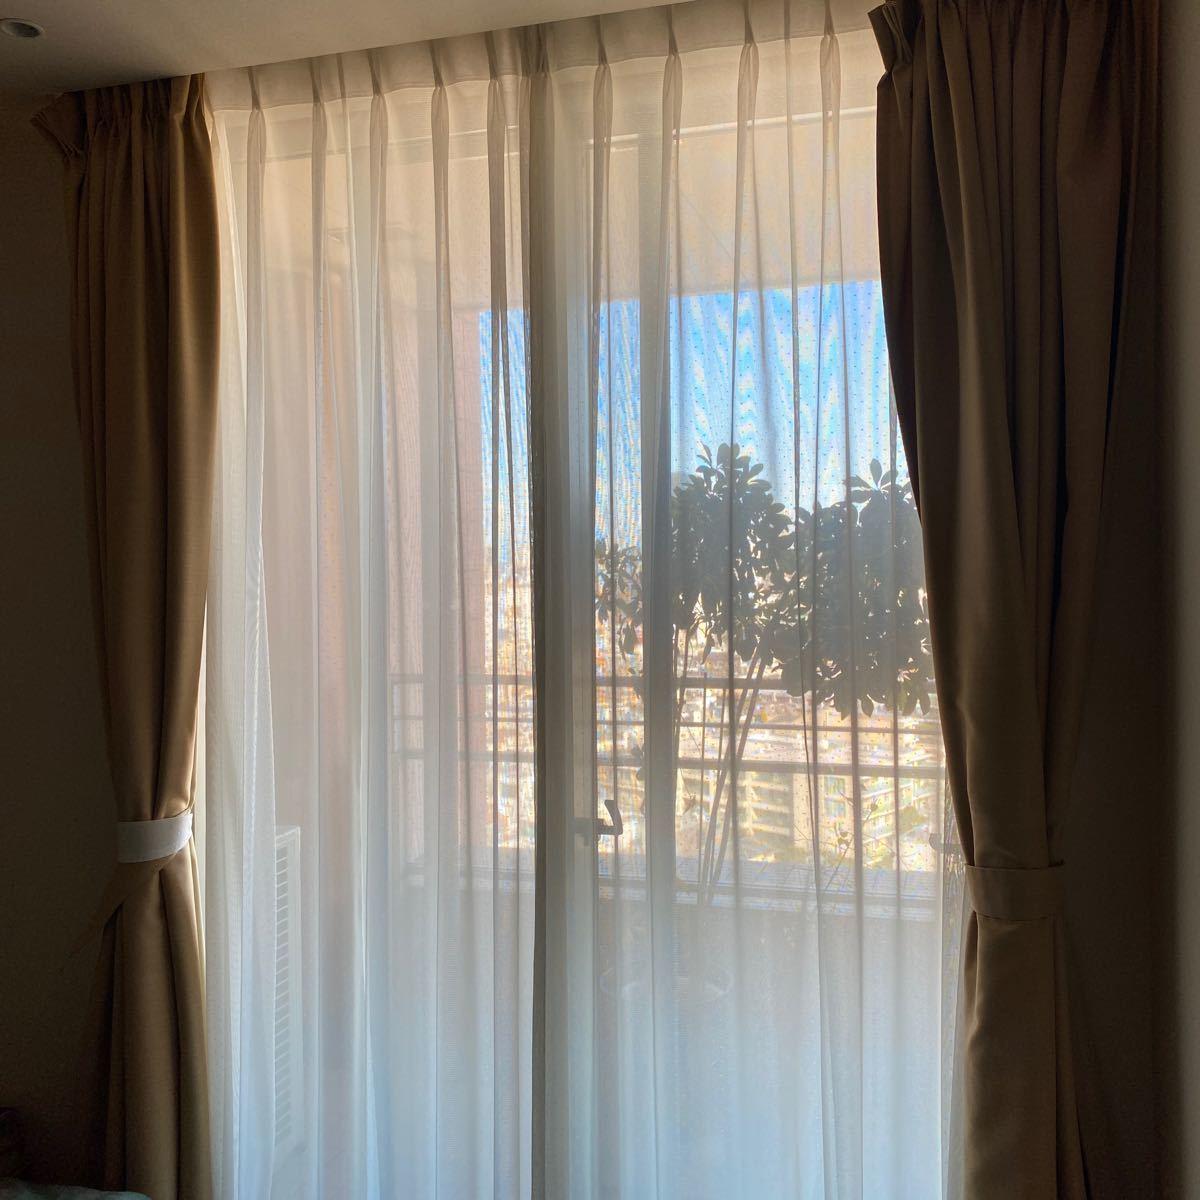 東リ★高級レースカーテン 高さ250cm×幅110cm(カーテンレール幅)×2枚セット